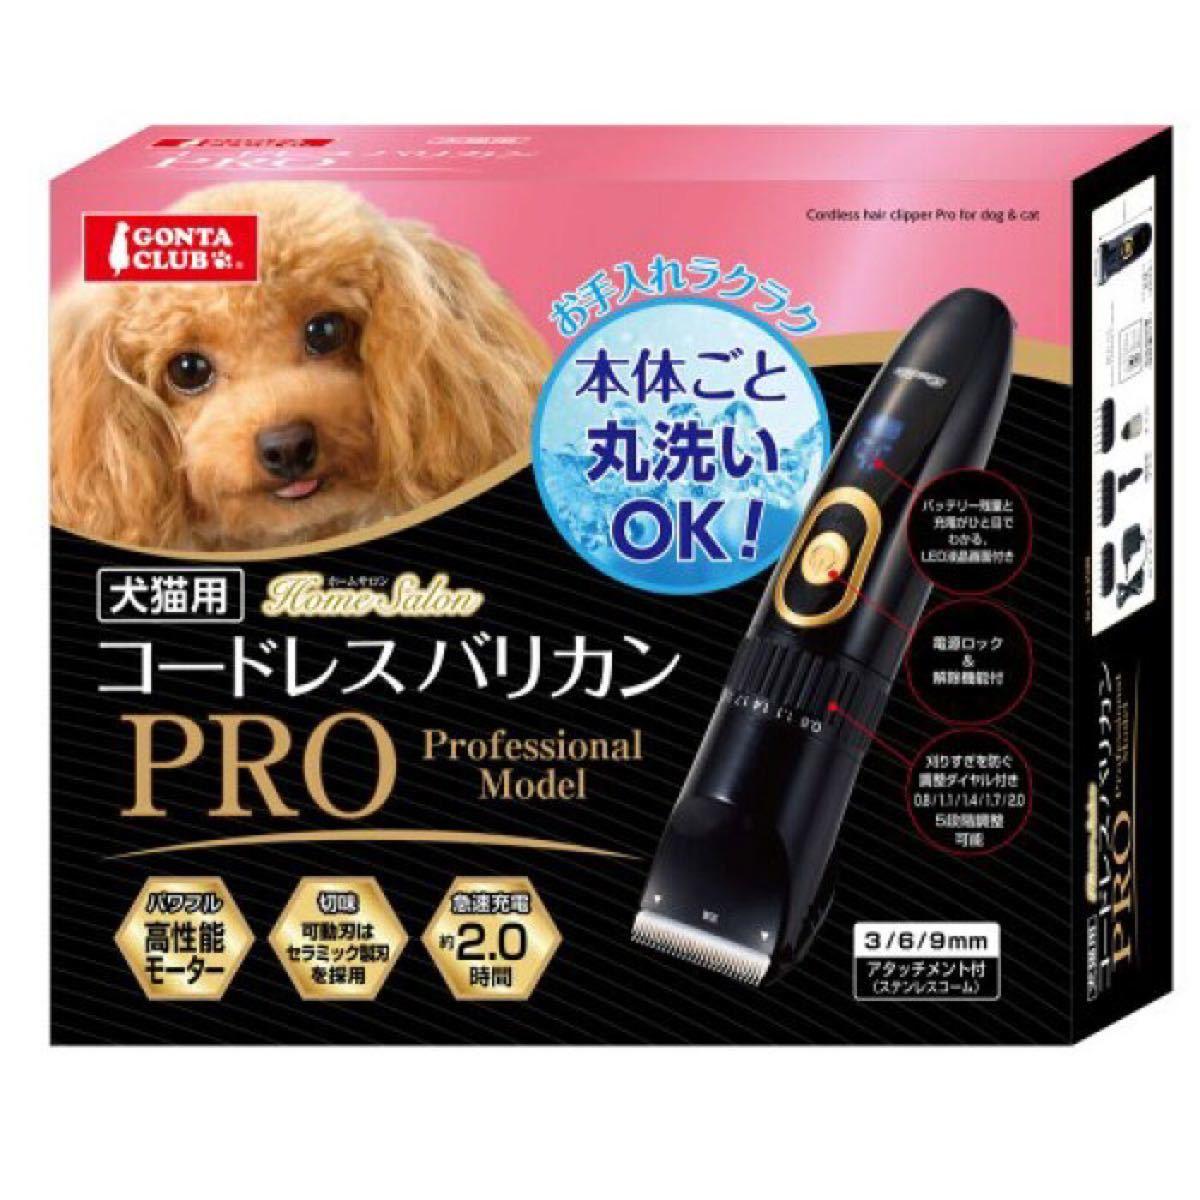 犬猫用 コードレスバリカン  DP-343 GONTA CLUB (株)マルカン